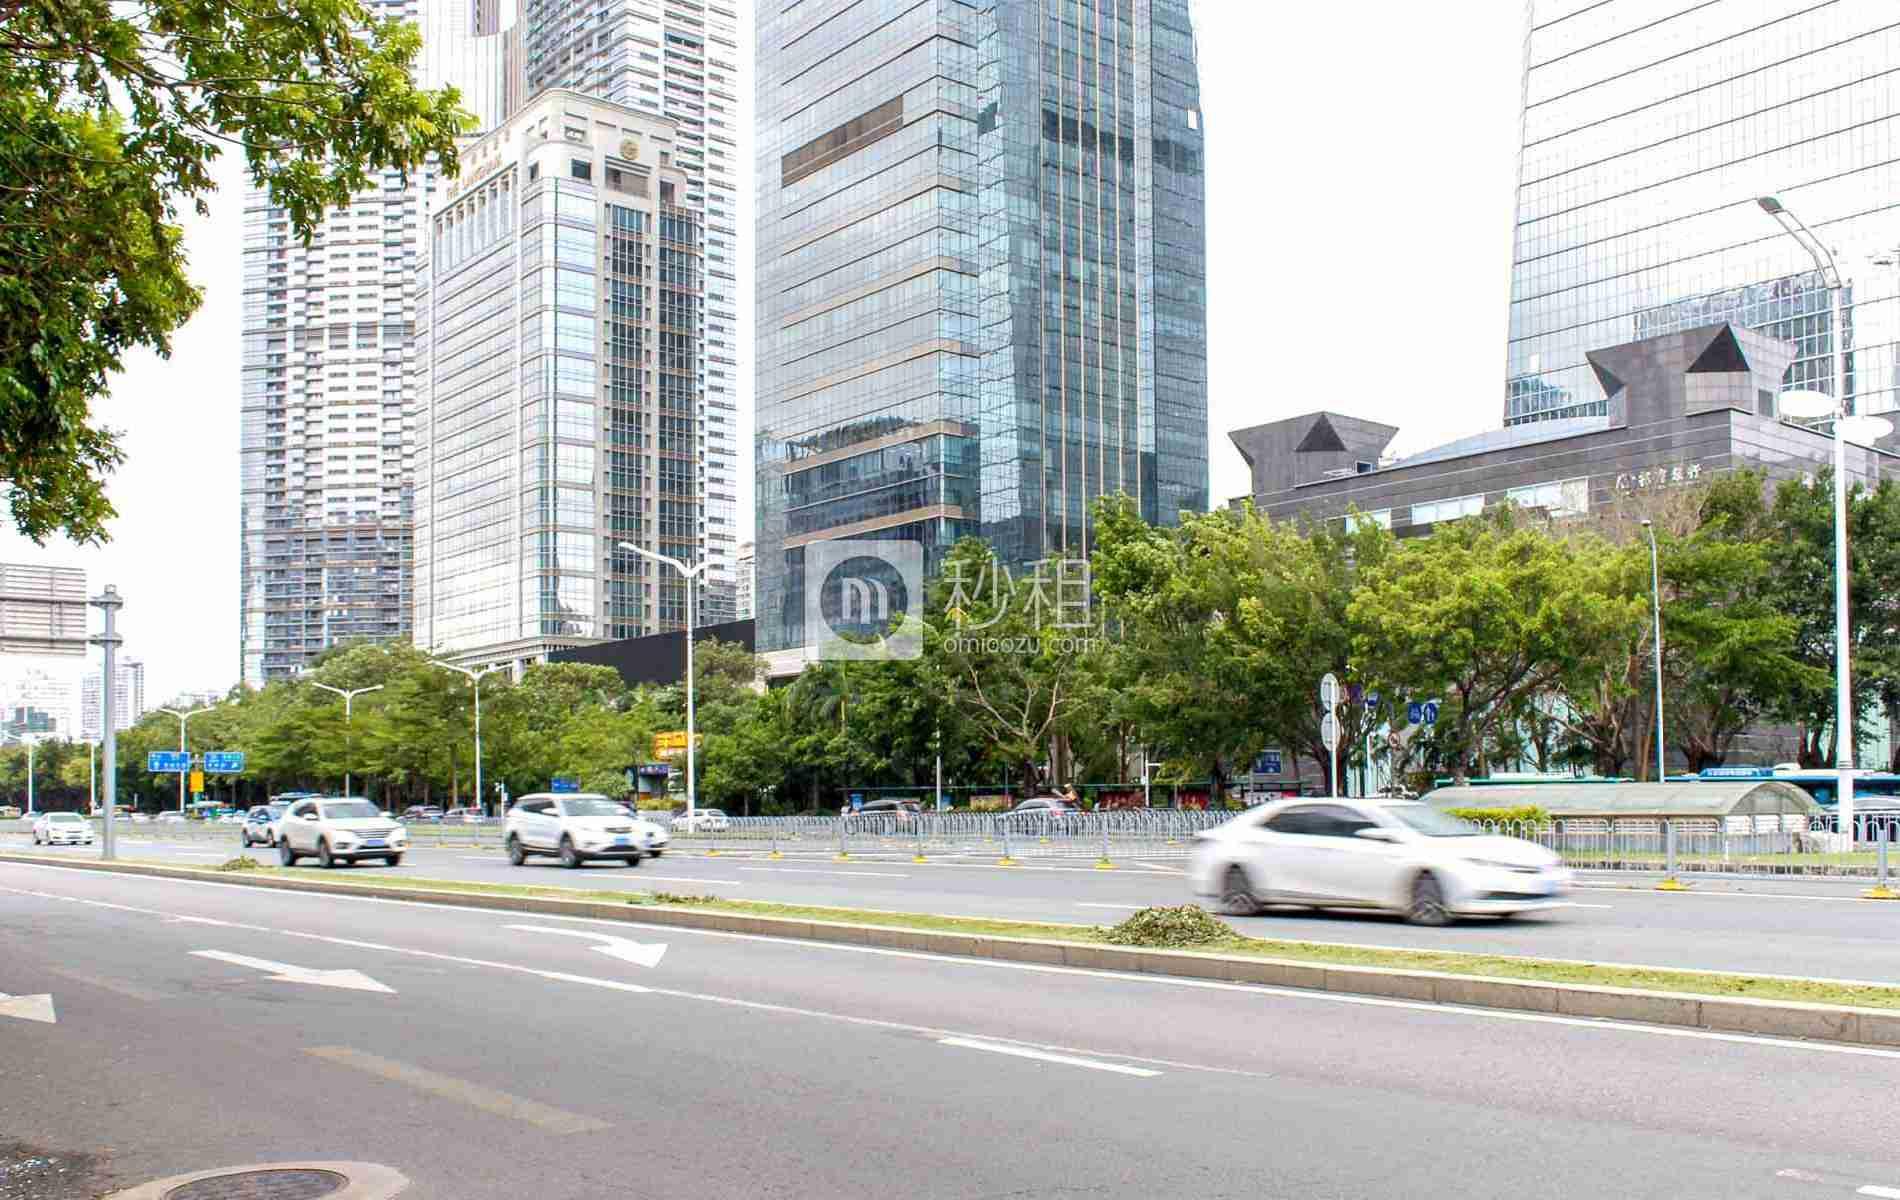 创建大厦(福田)写字楼出租/招租/租赁,创建大厦(福田)办公室出租/招租/租赁